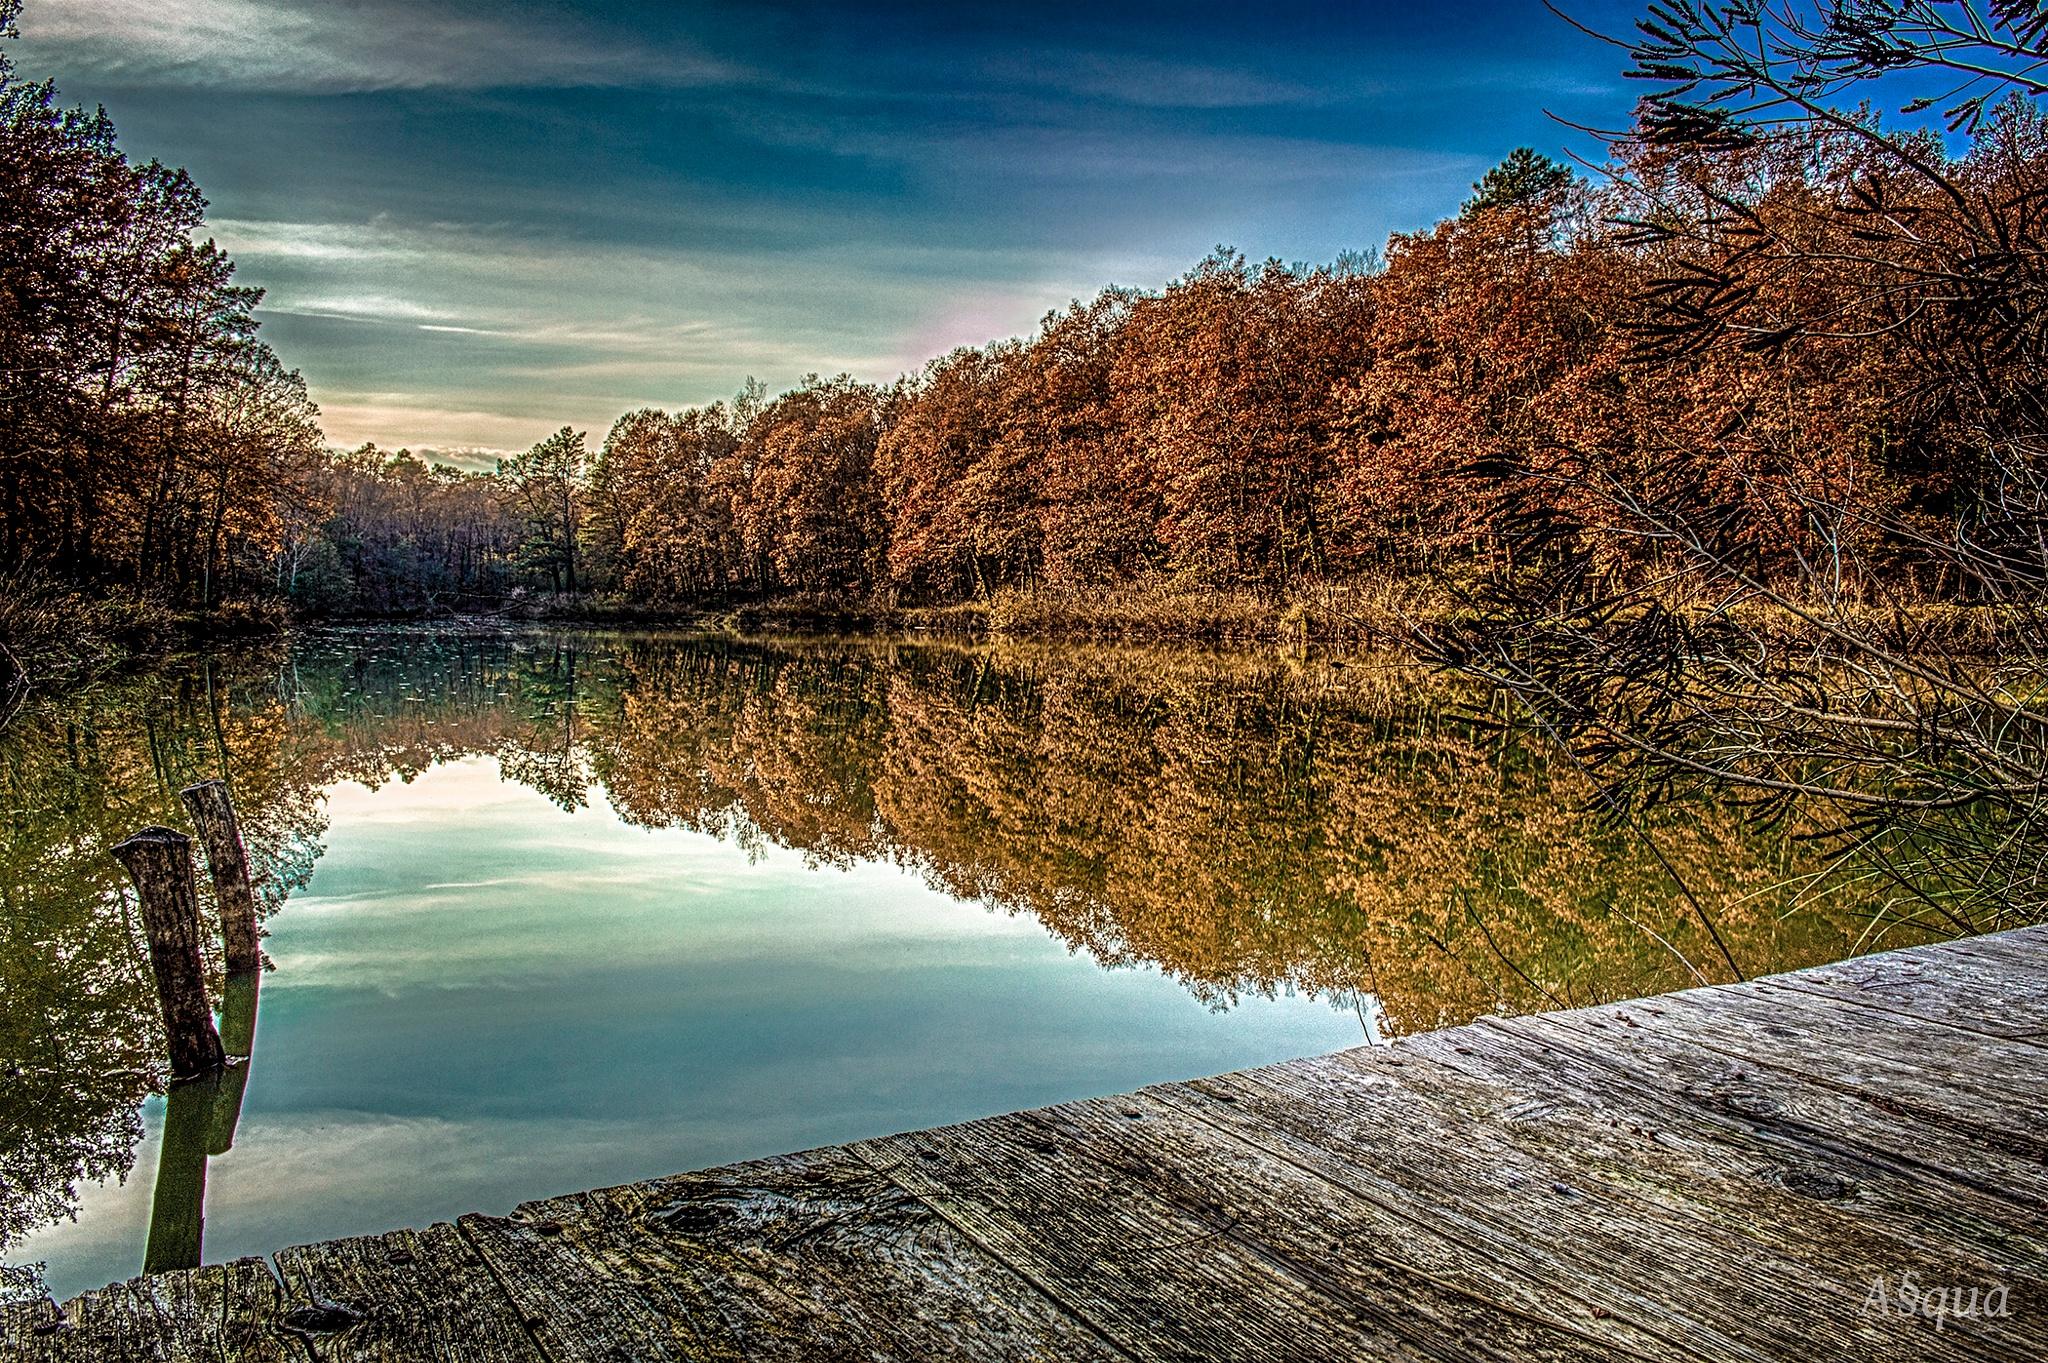 lago crocialoni by Andrea Quartieri